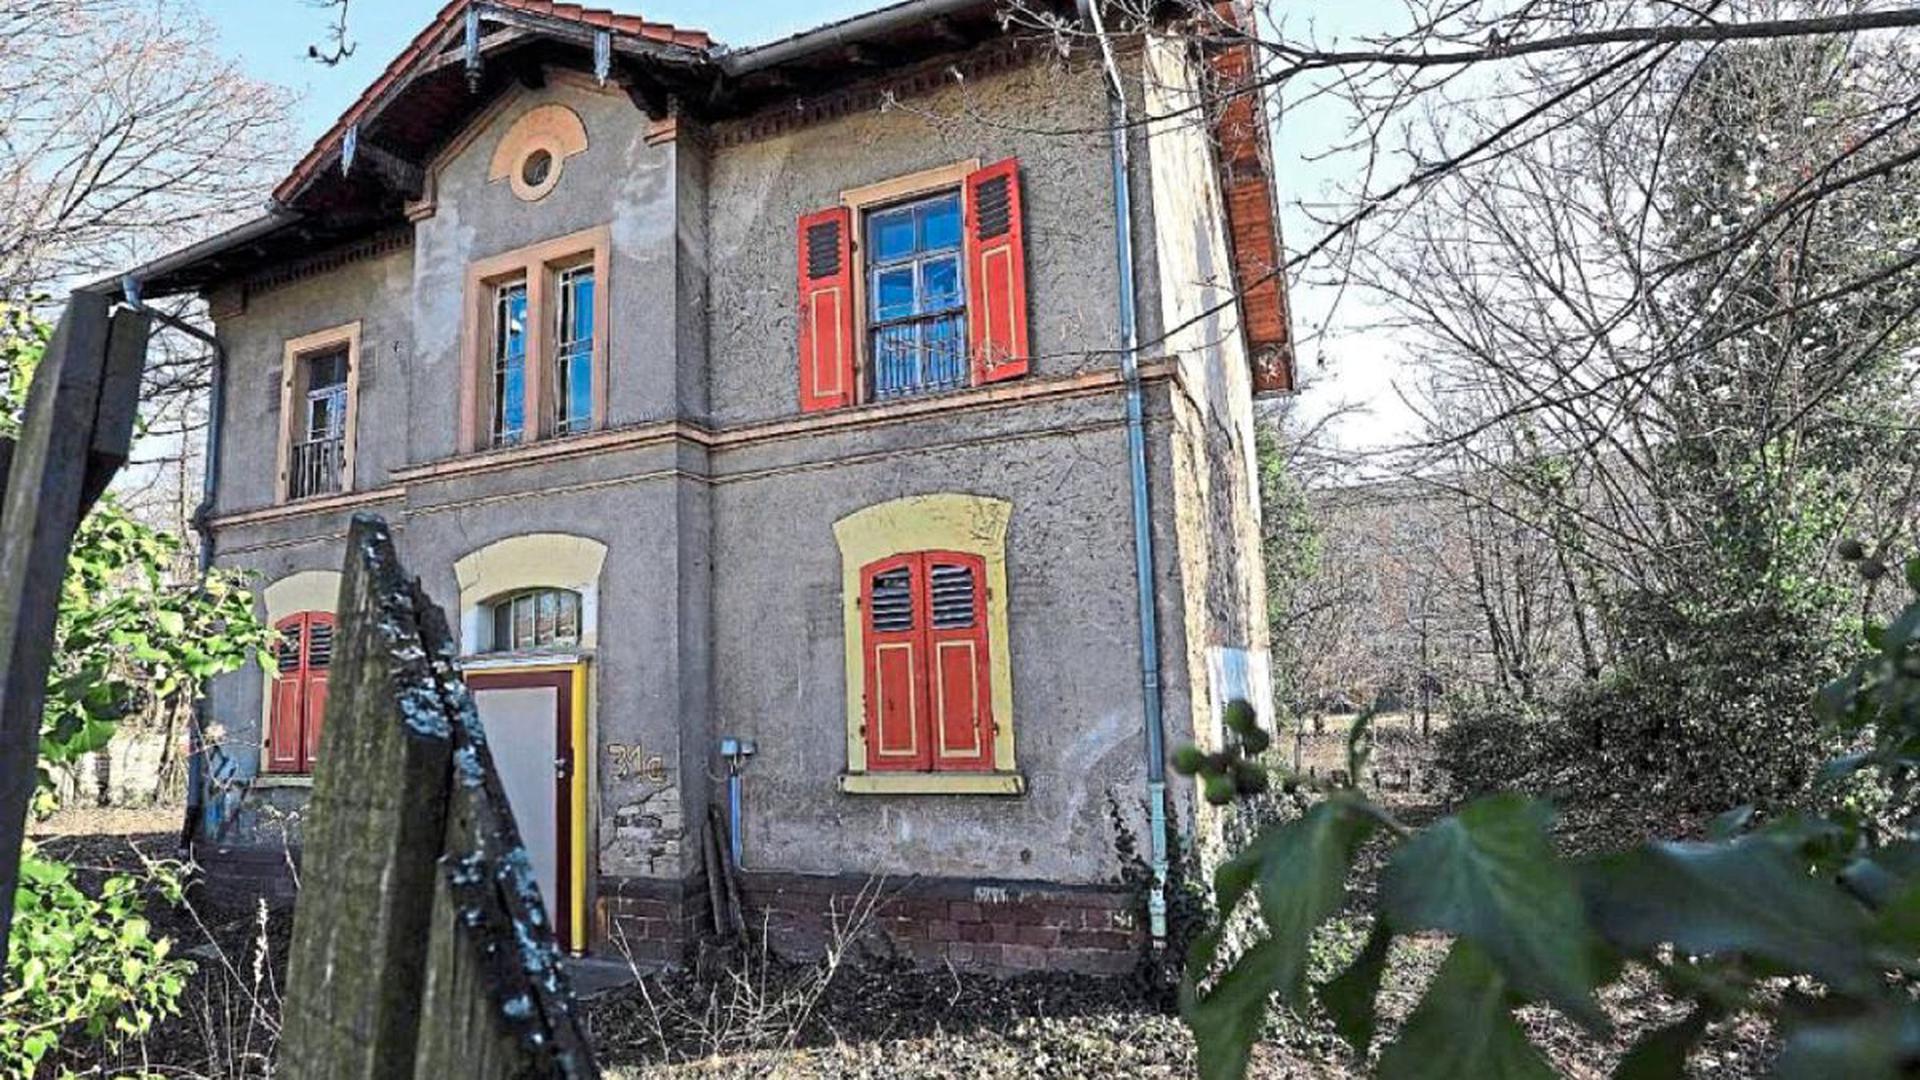 """Als Kita """"Villa Kunterbunt"""" ist das Landesgebäude an der Moltkestraße vielen Karlsruhern im Gedächtnis. Seit 2008 steht das Haus jedoch leer. Über kurz oder lang soll eine Landesbehörde auf dem Grundstück angesiedelt werden"""